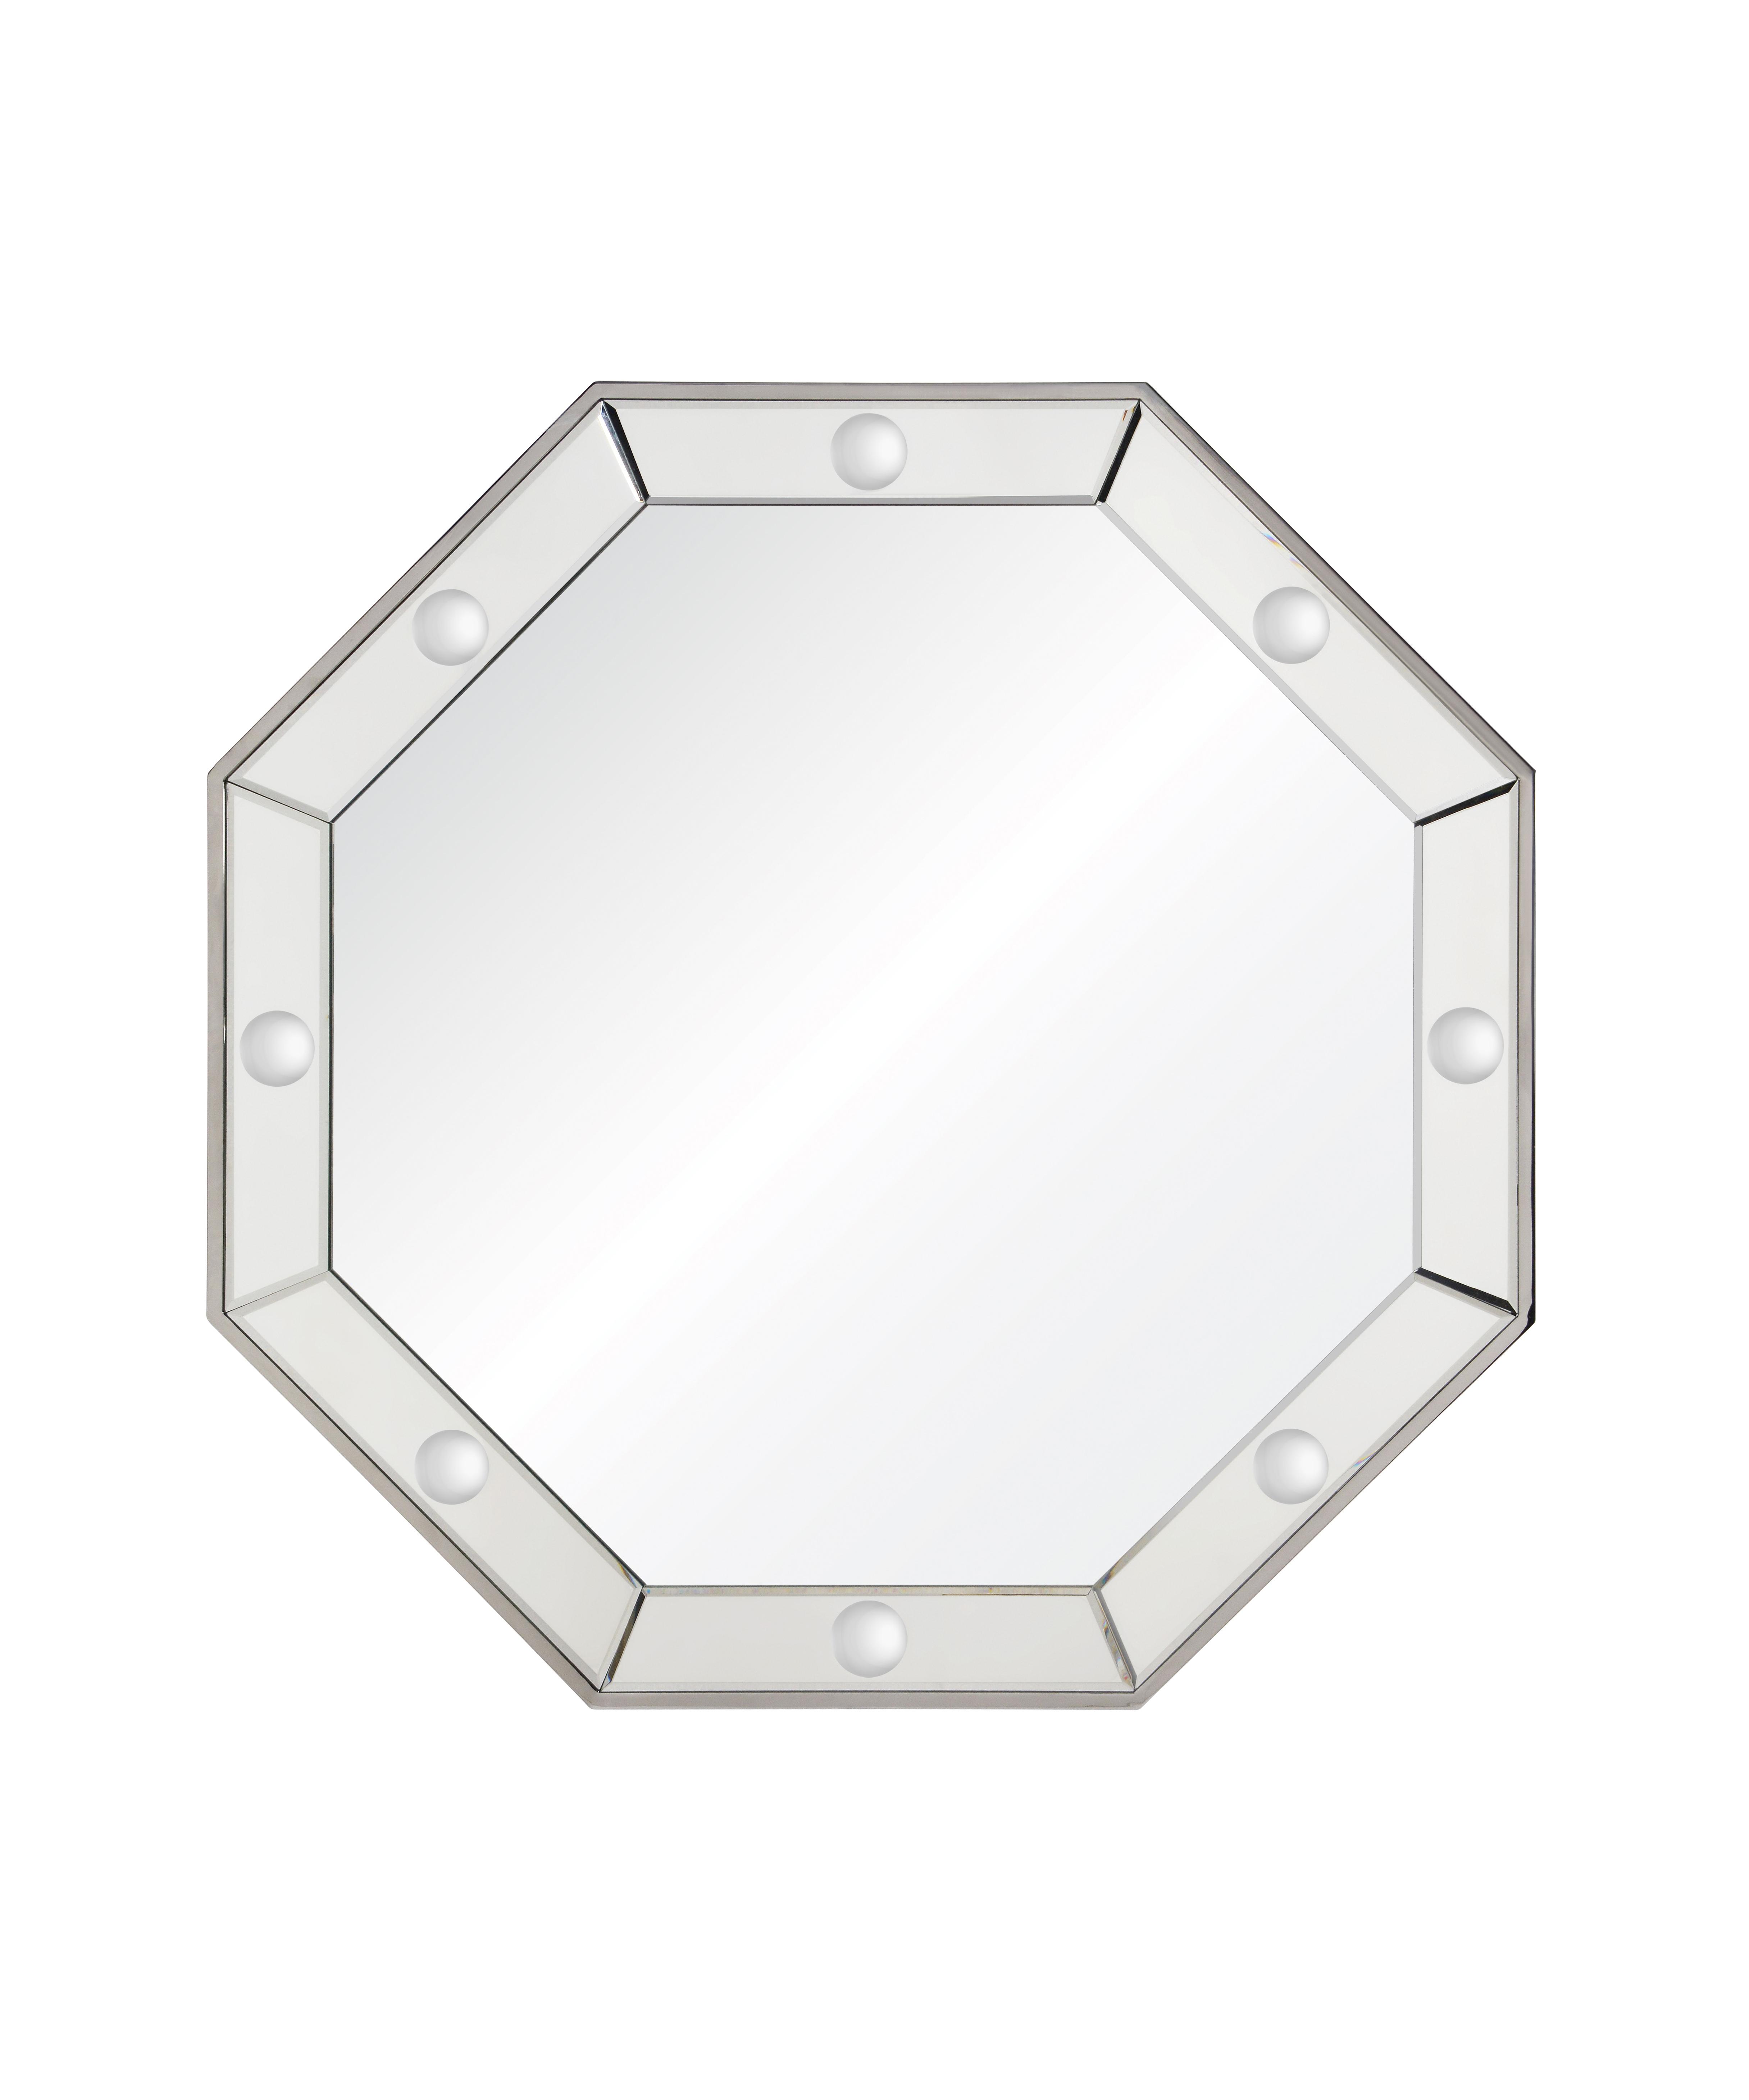 Keith Mirror